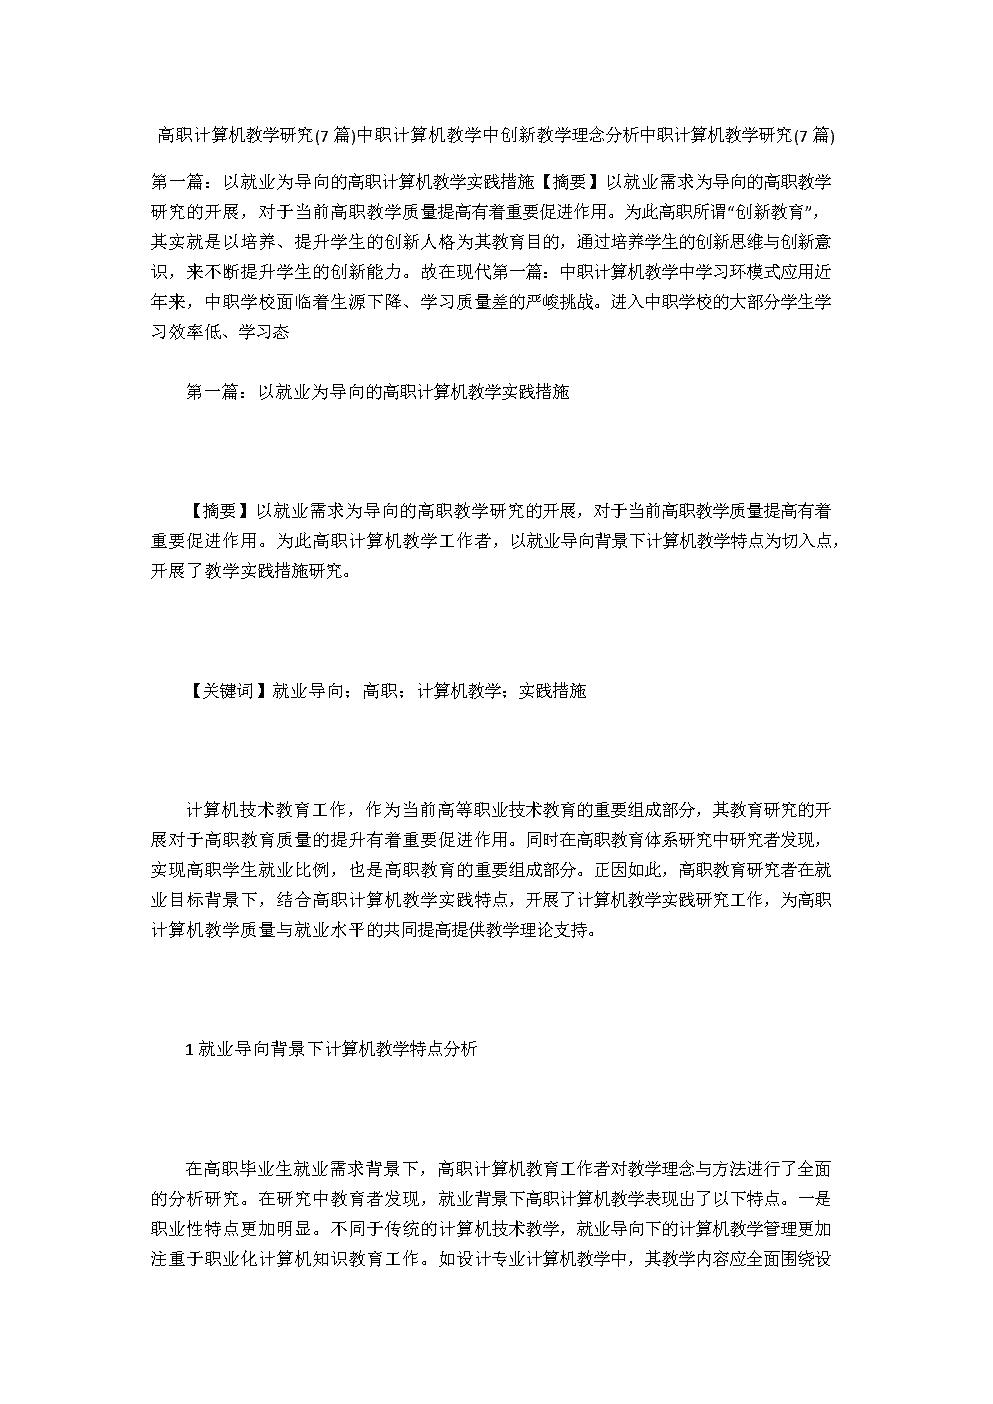 计算机教学论文高职研究中职中创新教学理念分析中职研究.docx